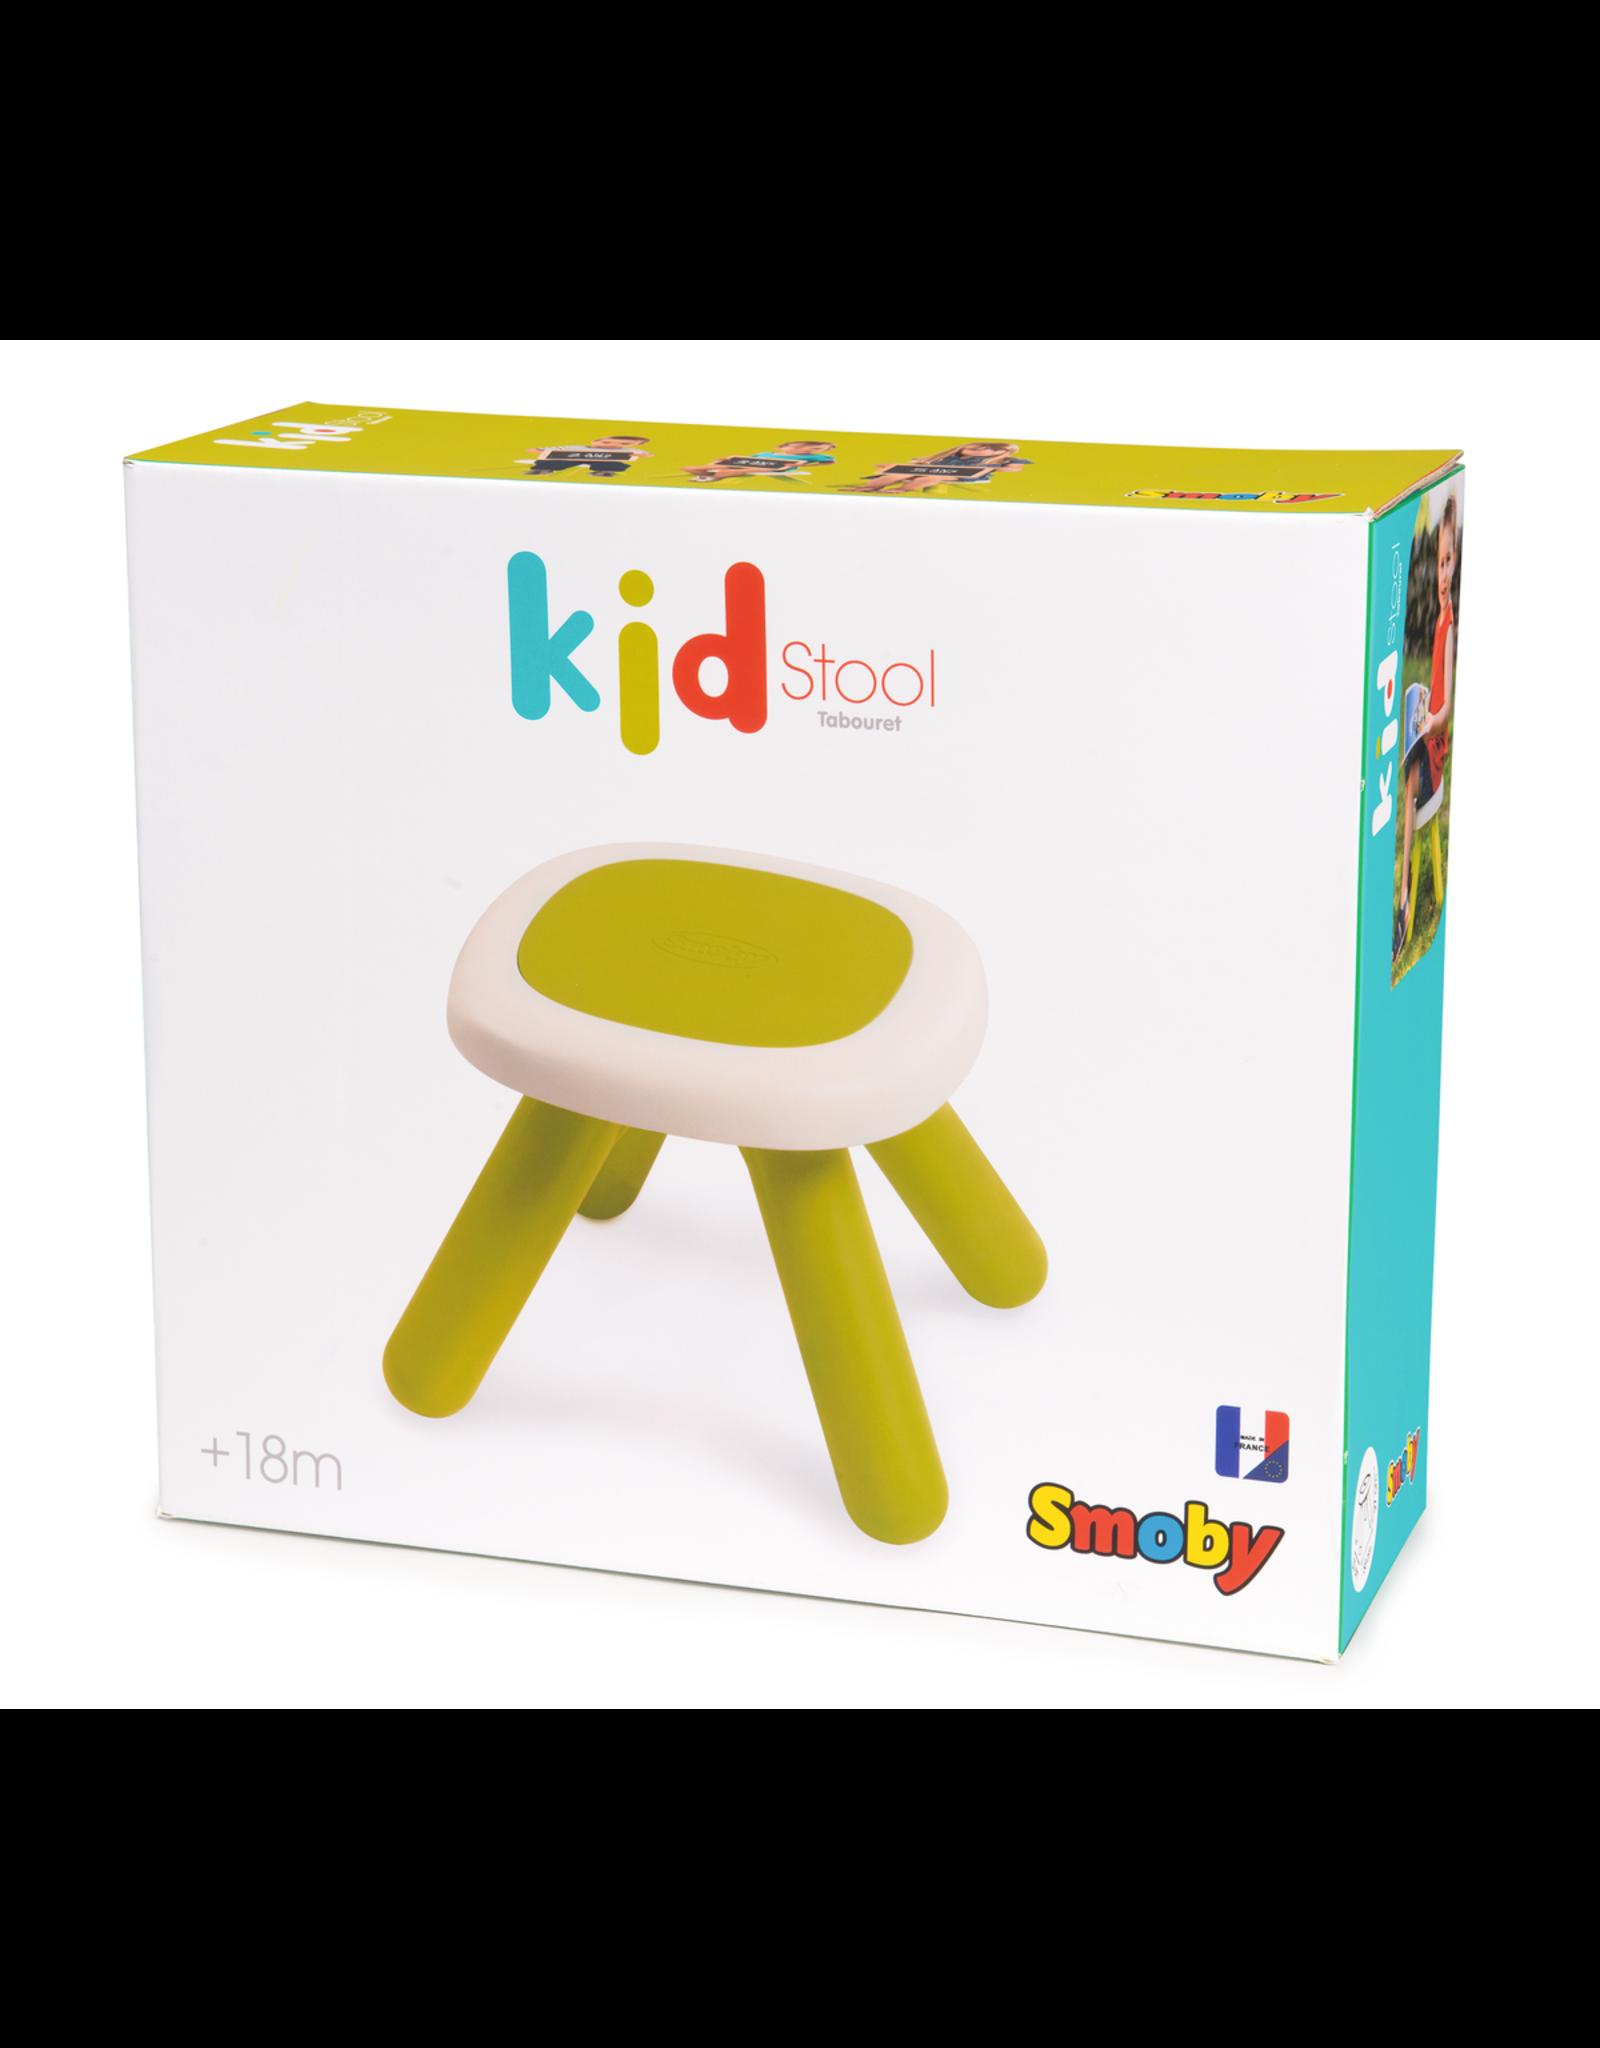 Smoby Smoby Kid Kruk groen - kinderstoel